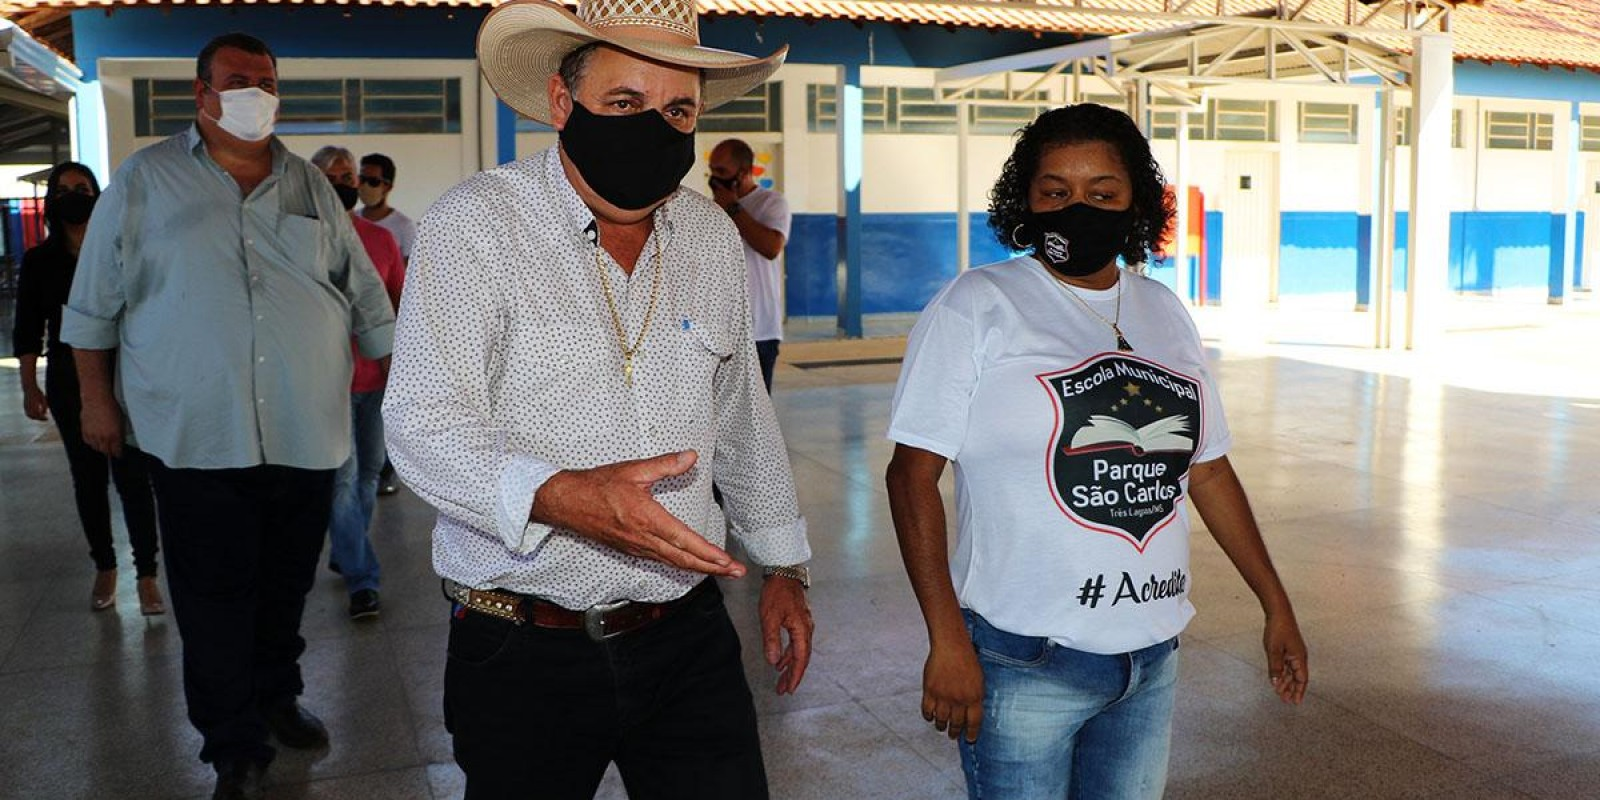 Angelo Guerreiro e secretários se reúnem com vereadores de Três Lagoas para apresentar reforma de escolas e protocolo de segurança da volta às aulas